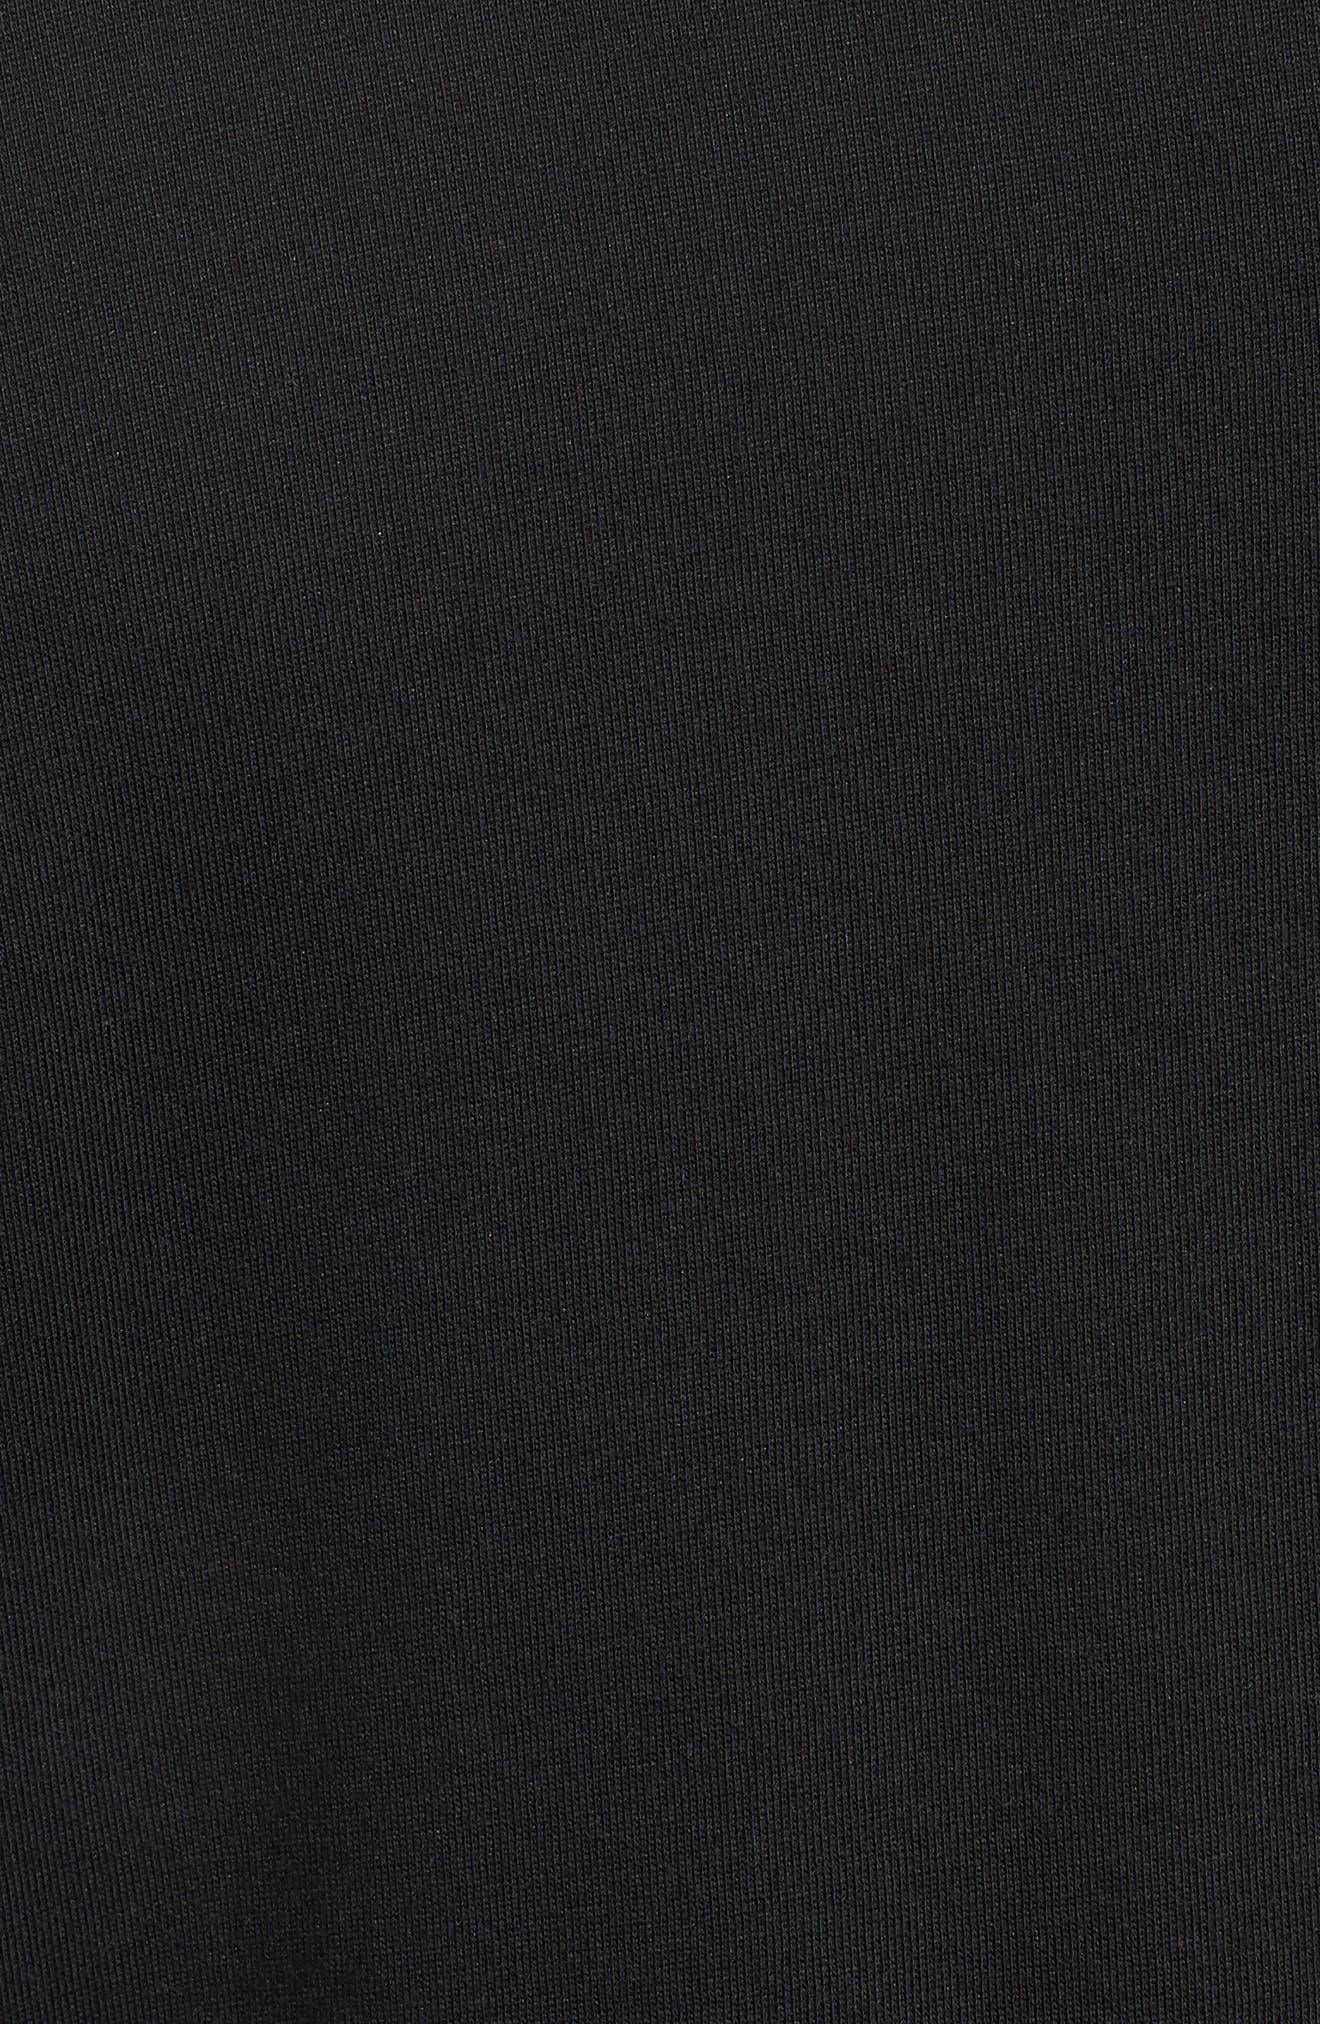 Dry Unit T-Shirt,                             Alternate thumbnail 5, color,                             Black/ Black